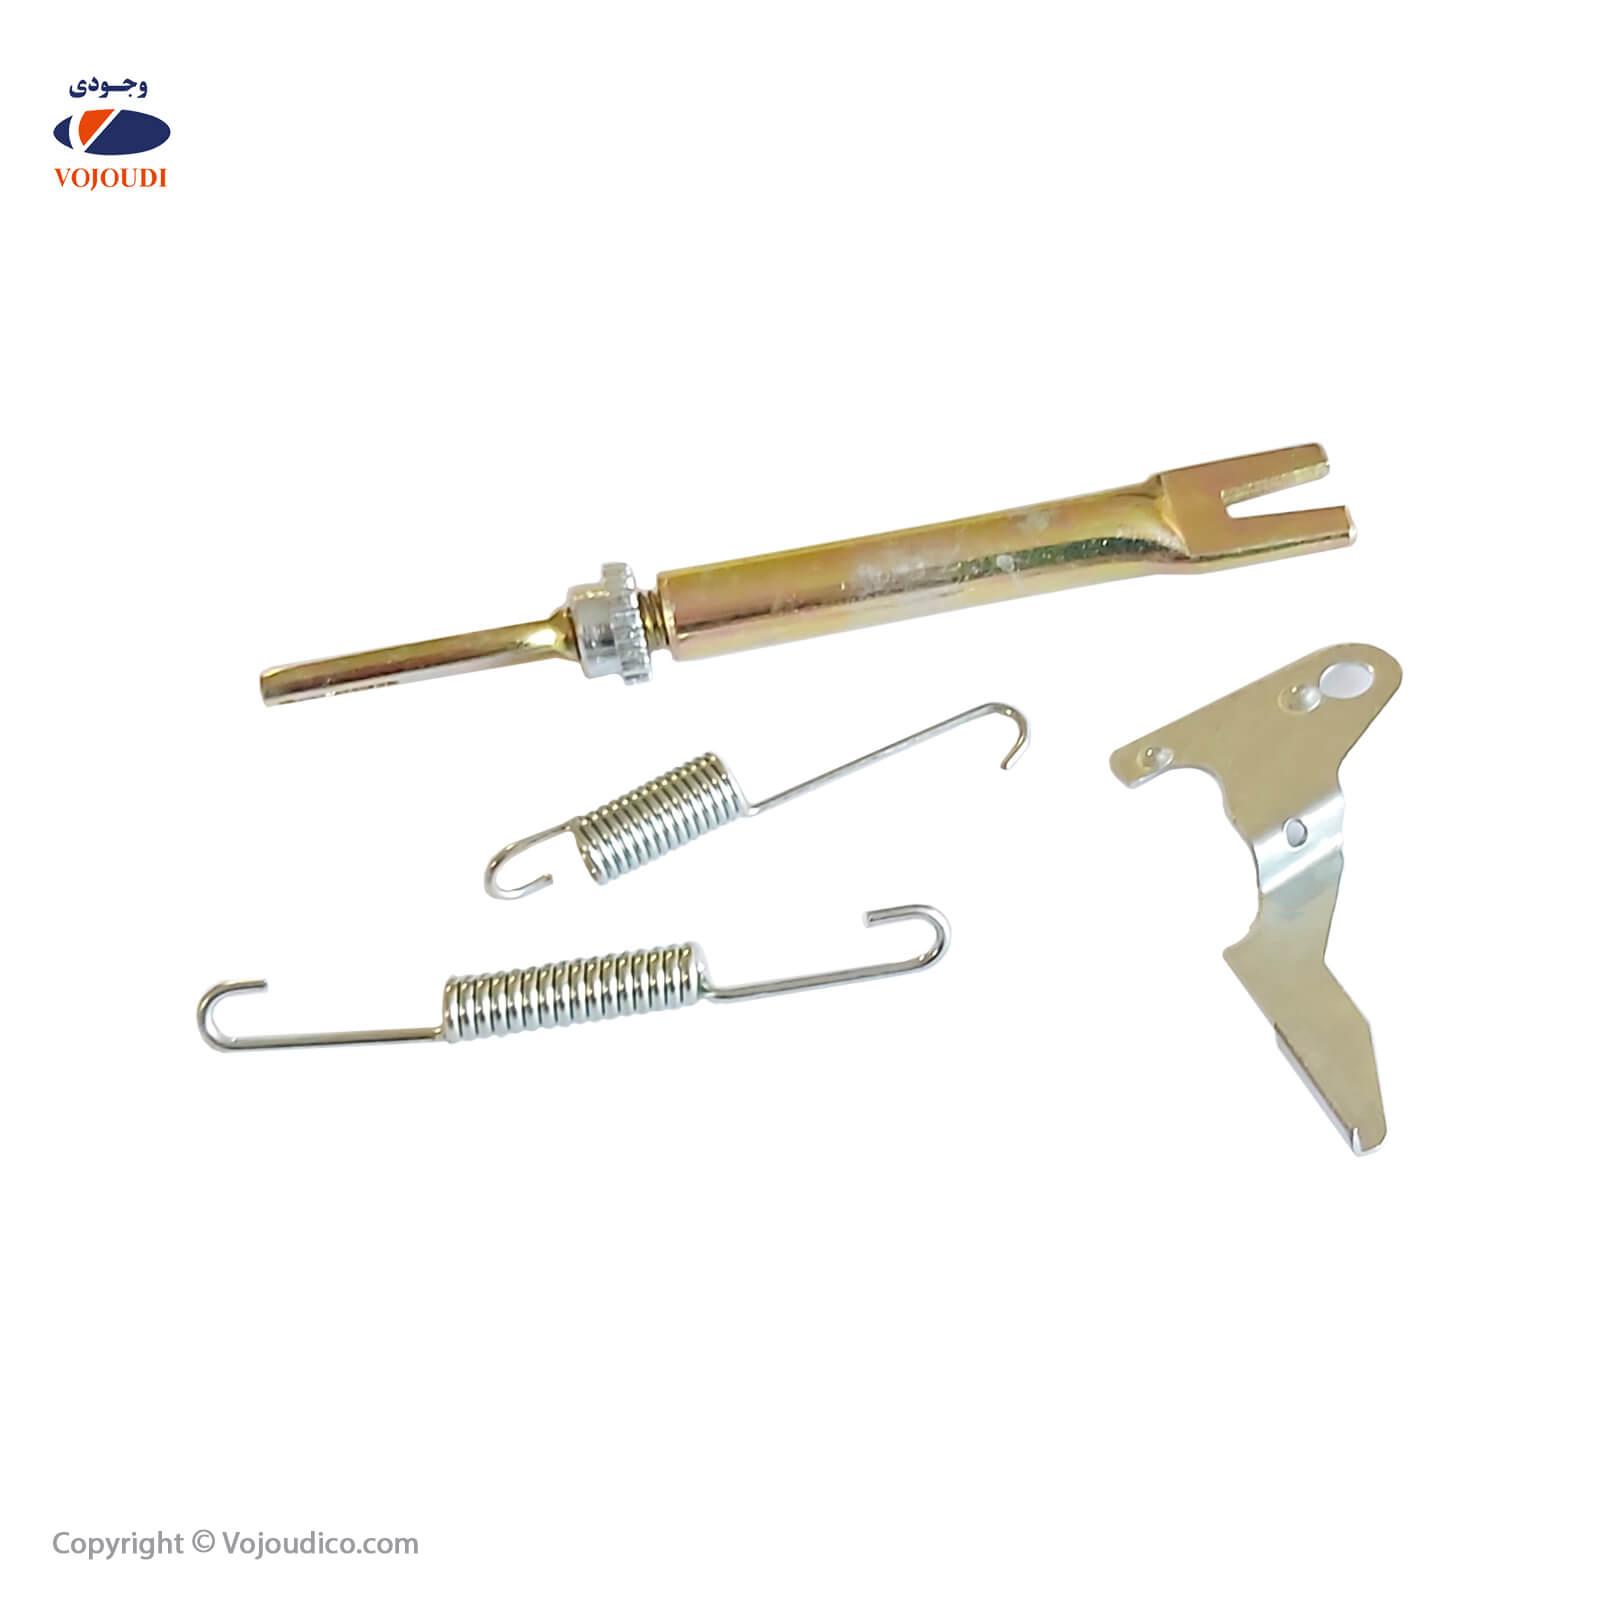 38142 - ریگلاژ چرخ عقب راست وجودی کد 38142 مناسب برای سمند EF7 ، تعداد در بسته : 20 دست